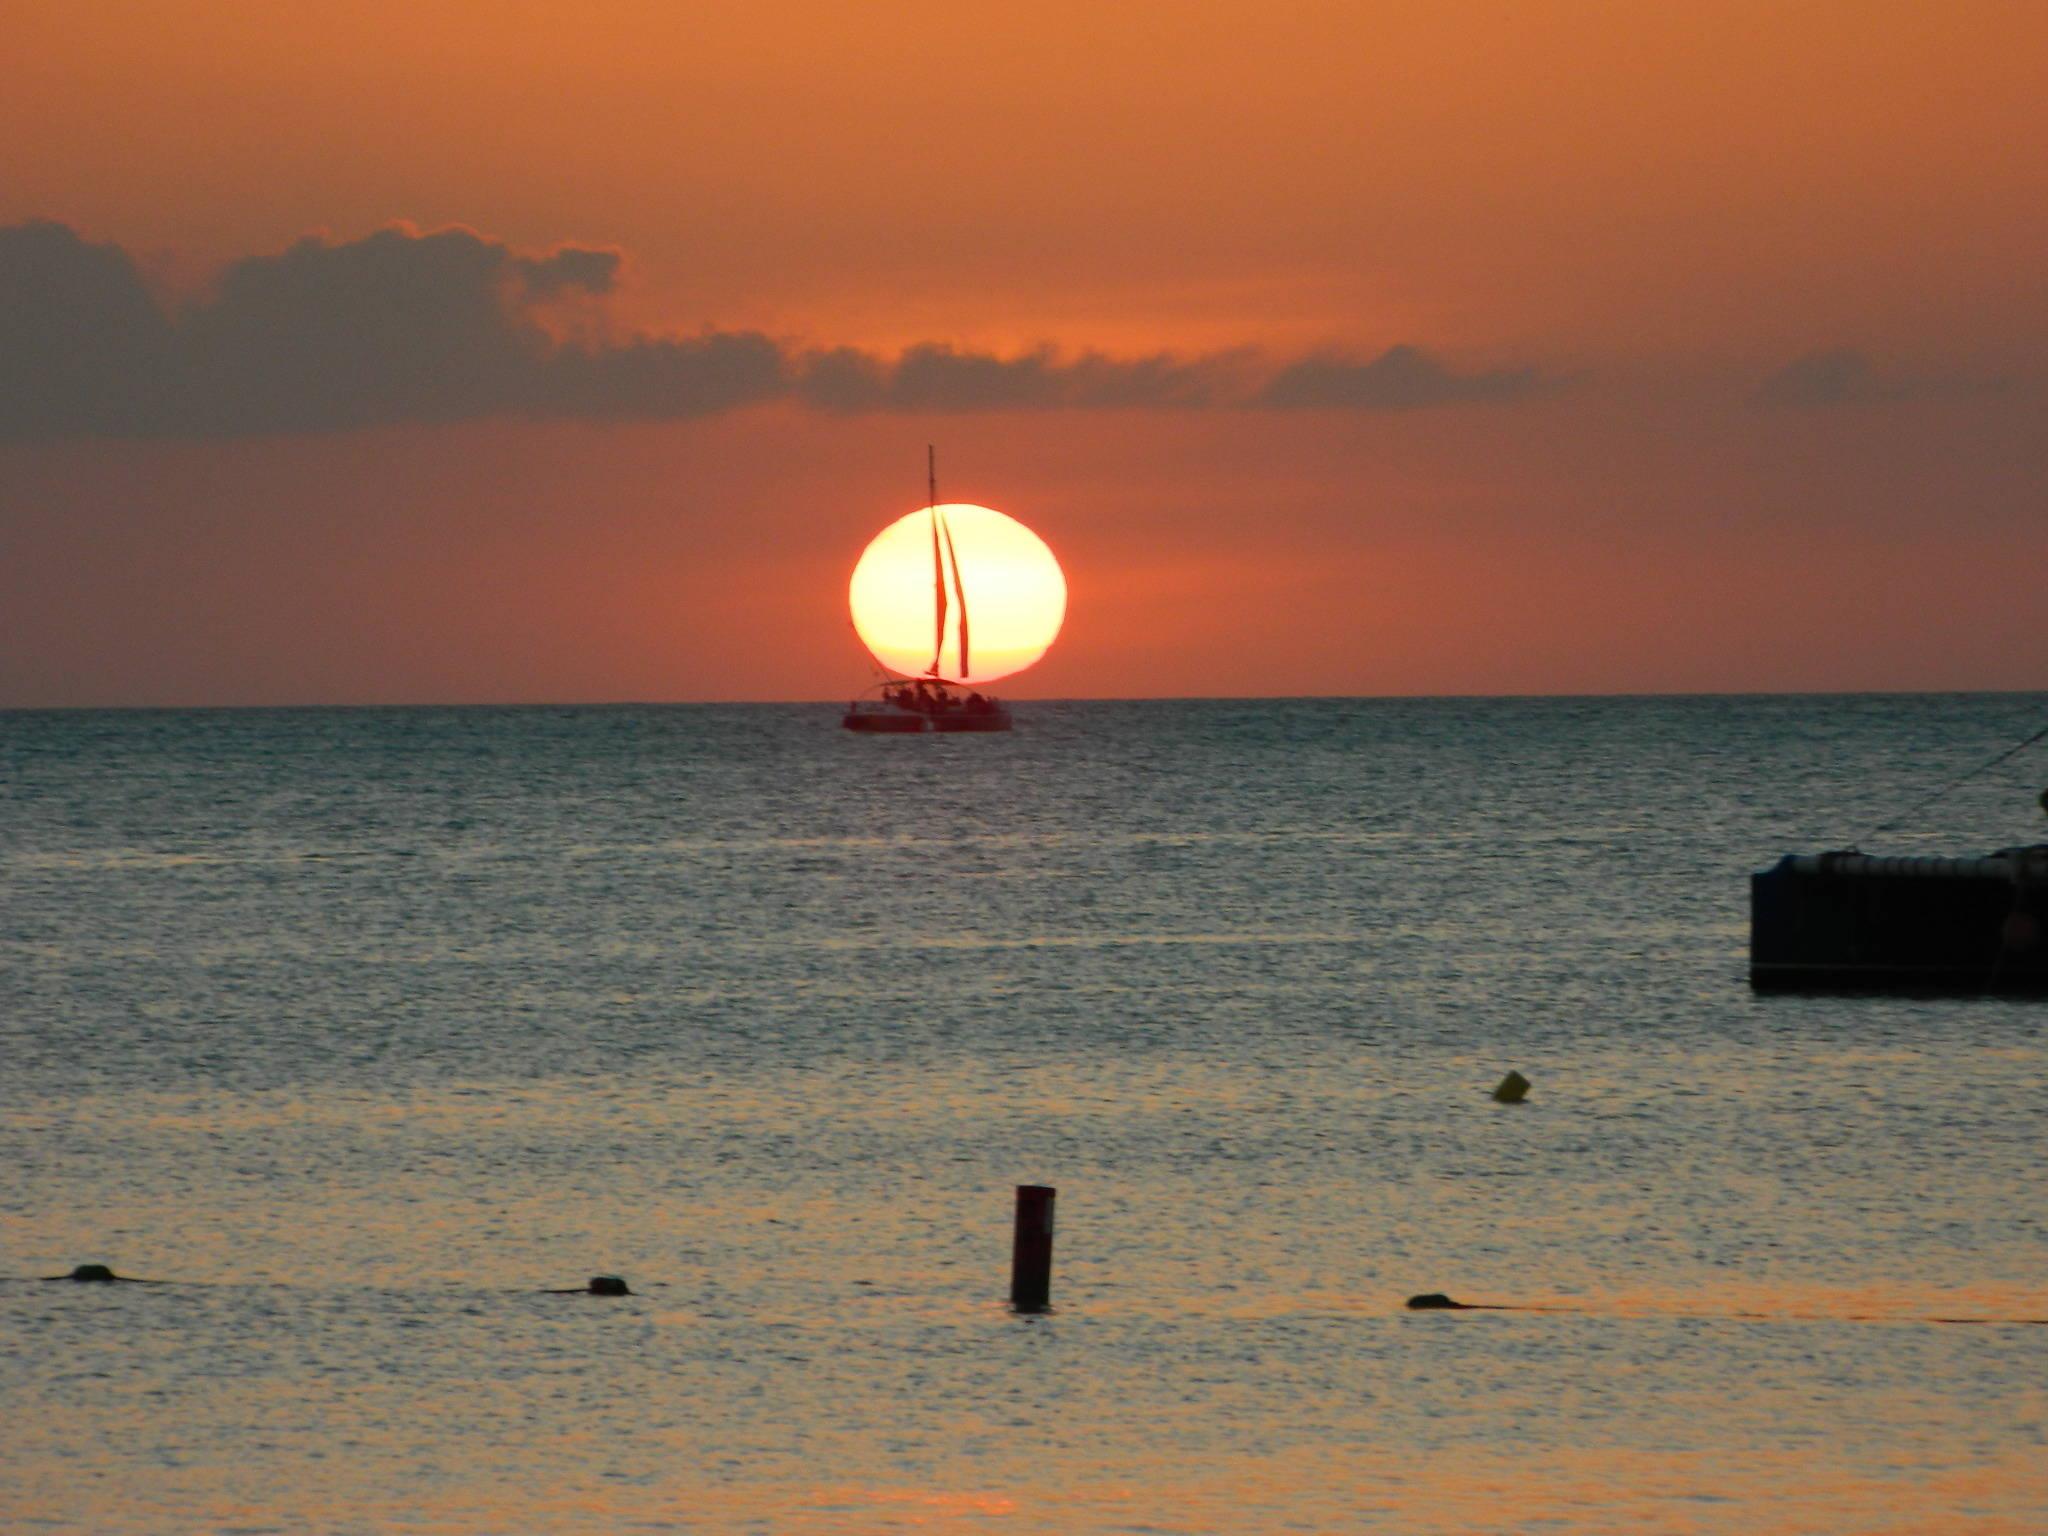 Vacation in Aruba